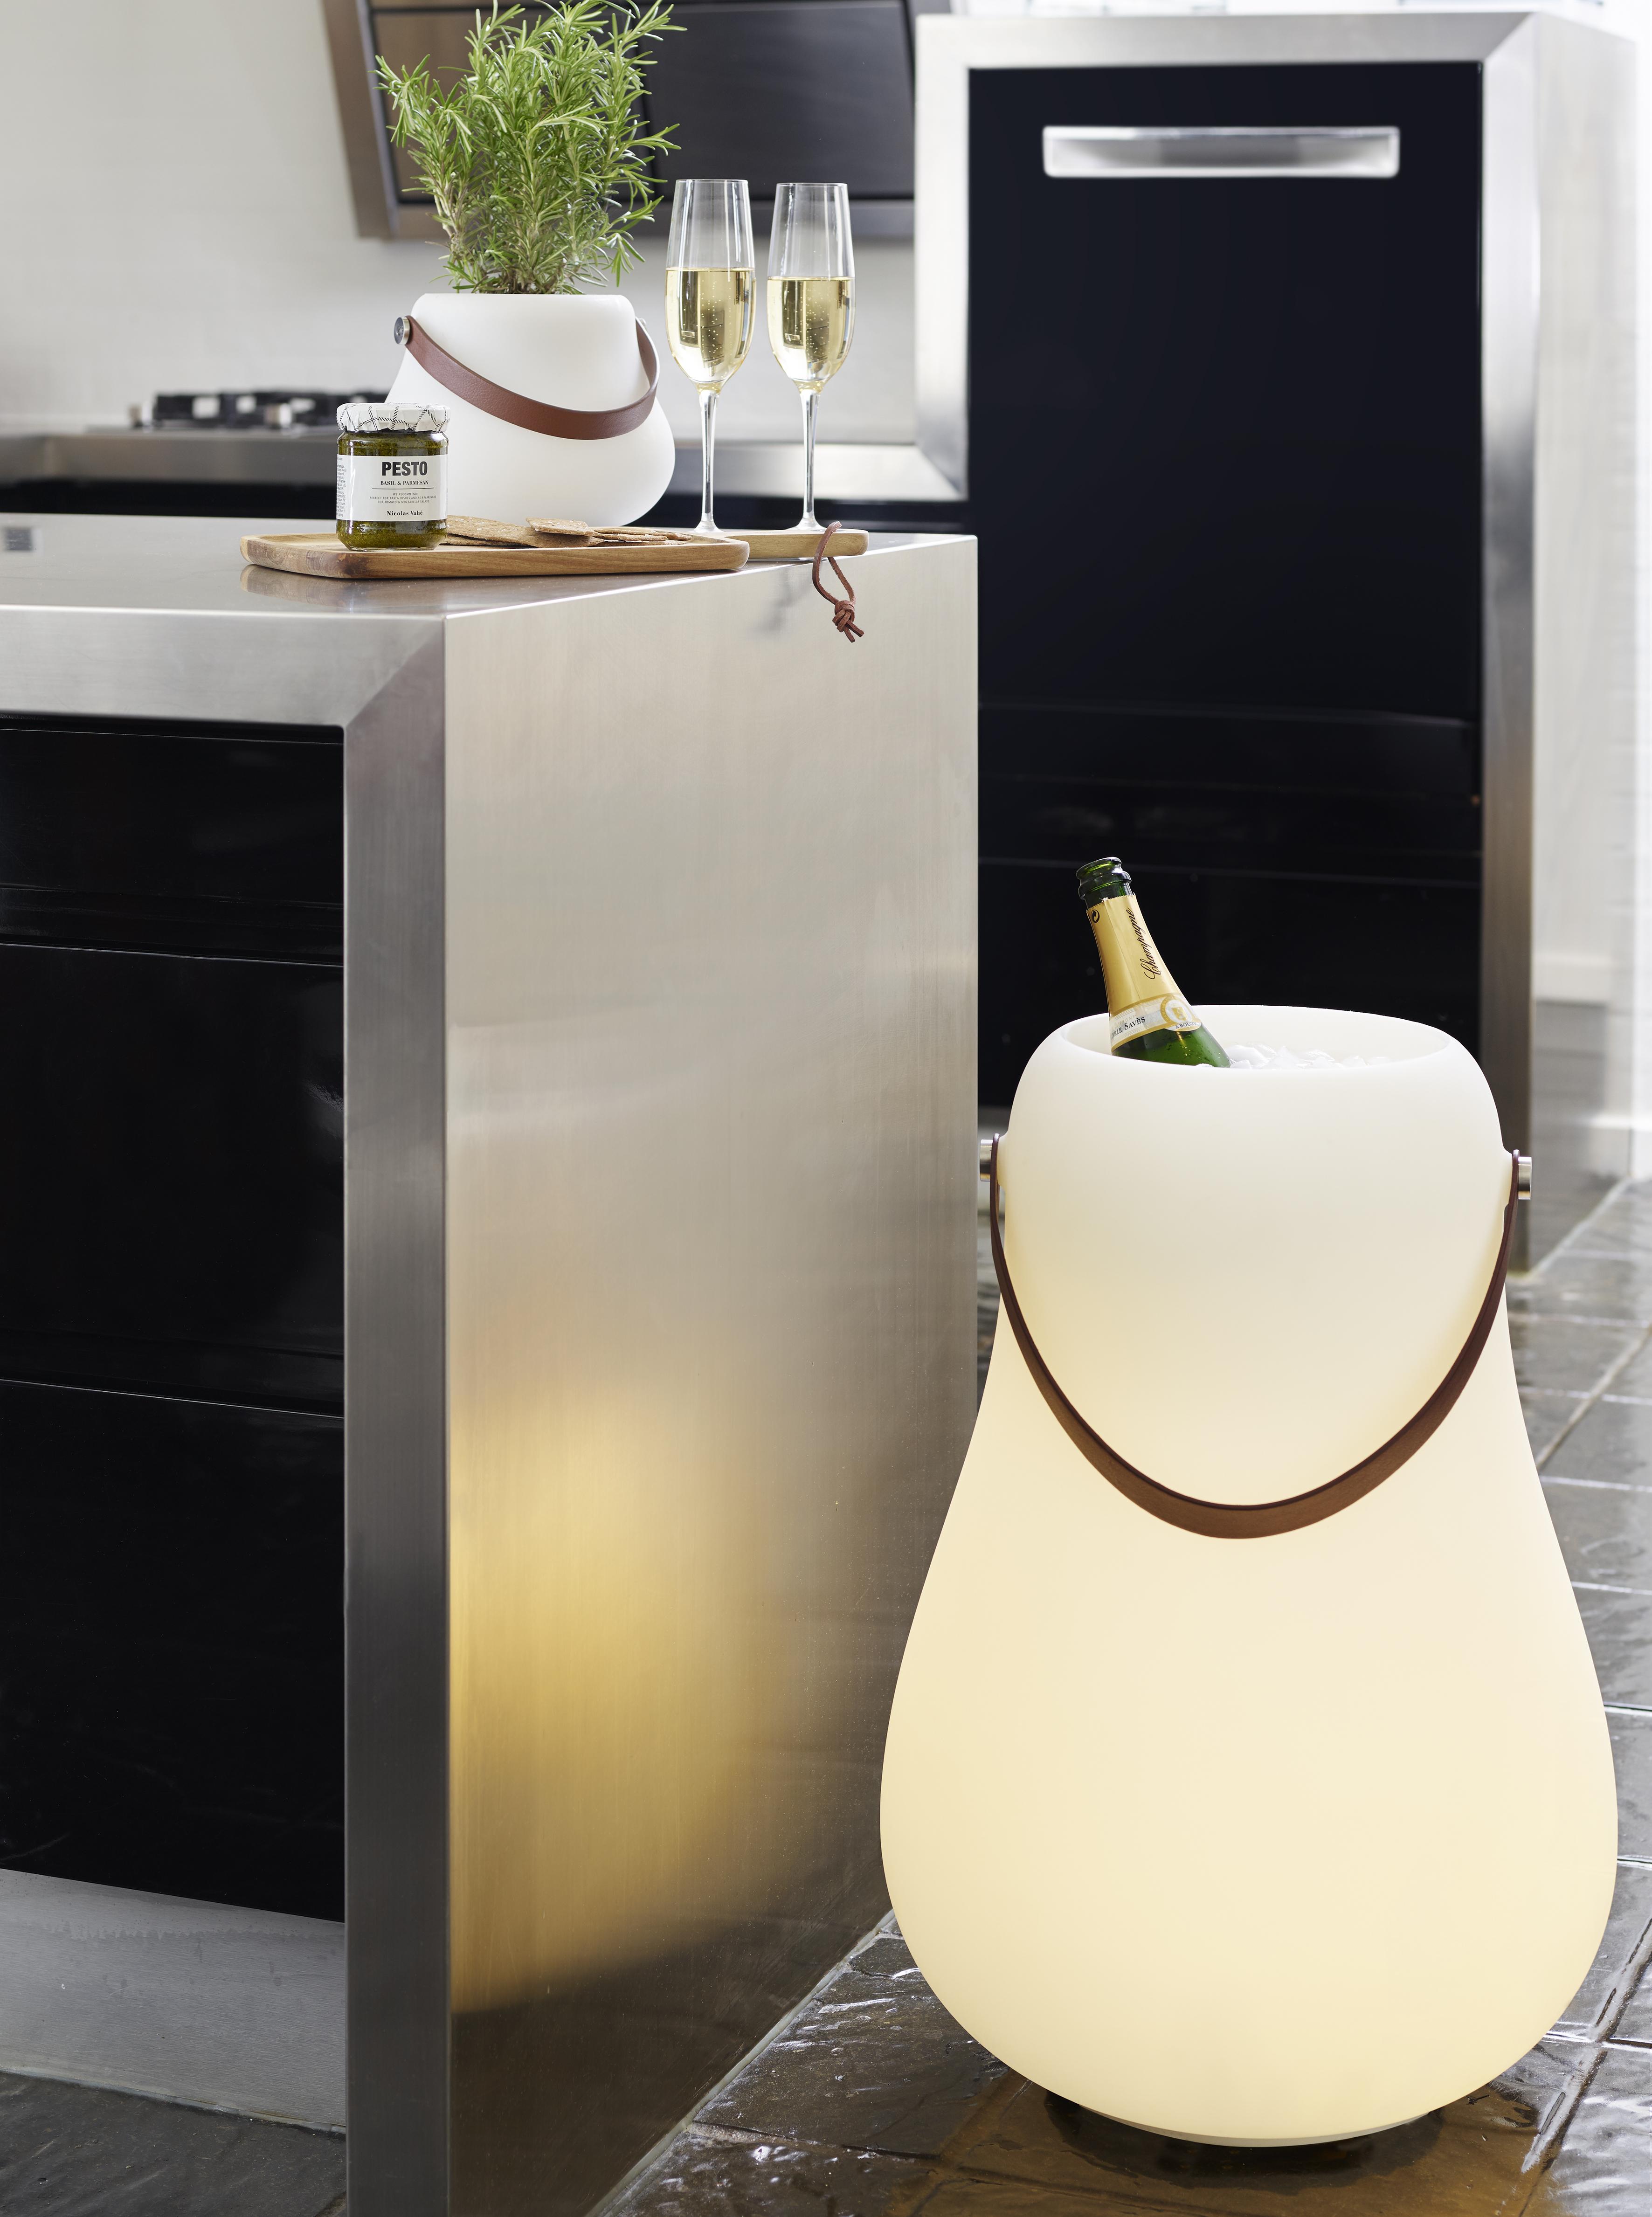 Ein kleiner leuchtender Blumentopf steht auf der Küche neben Sekt und Pesto